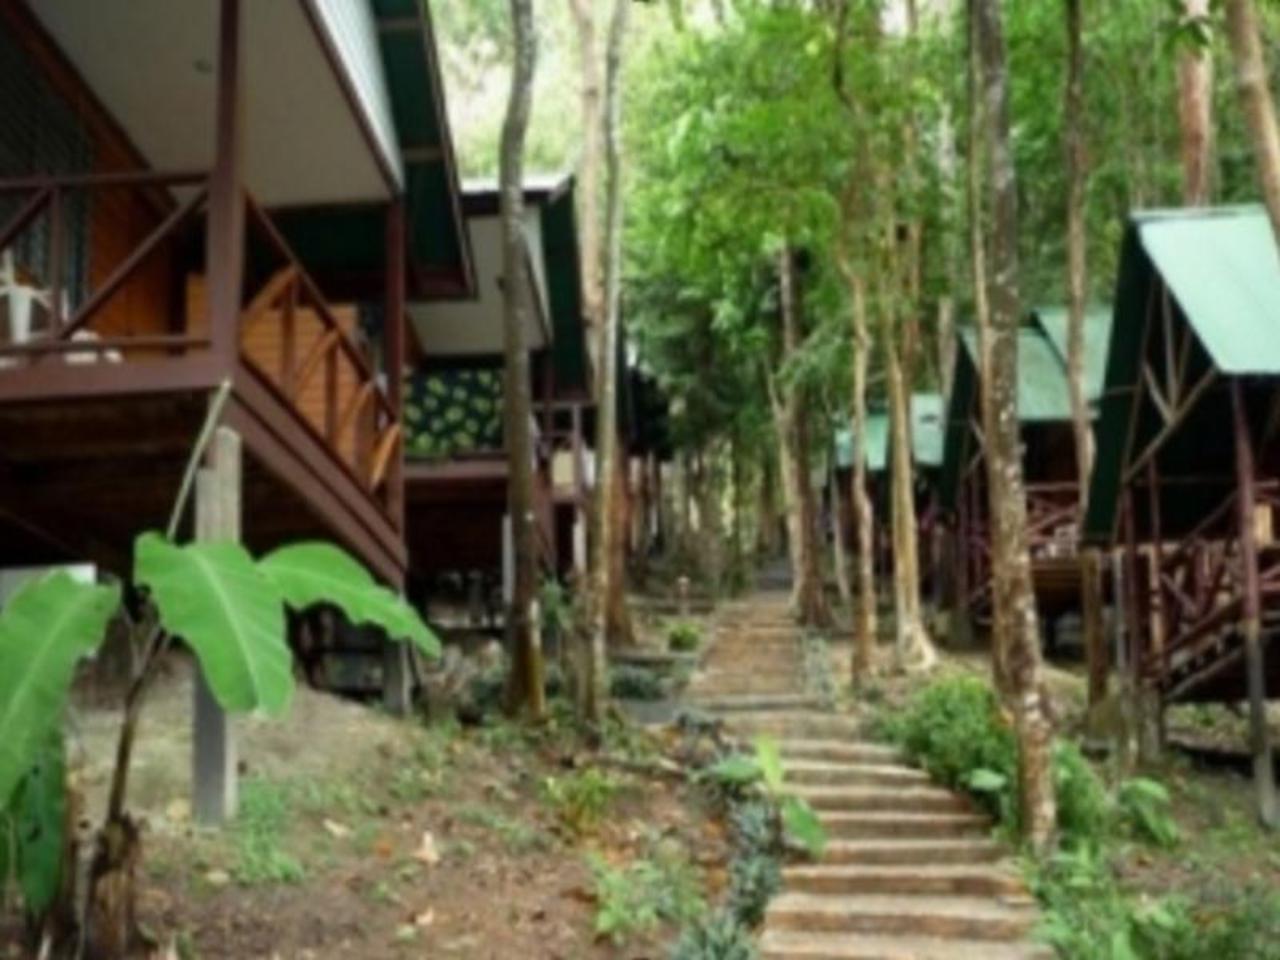 กรีนวัลเลย์ รีสอร์ท (Green Valley Resort)